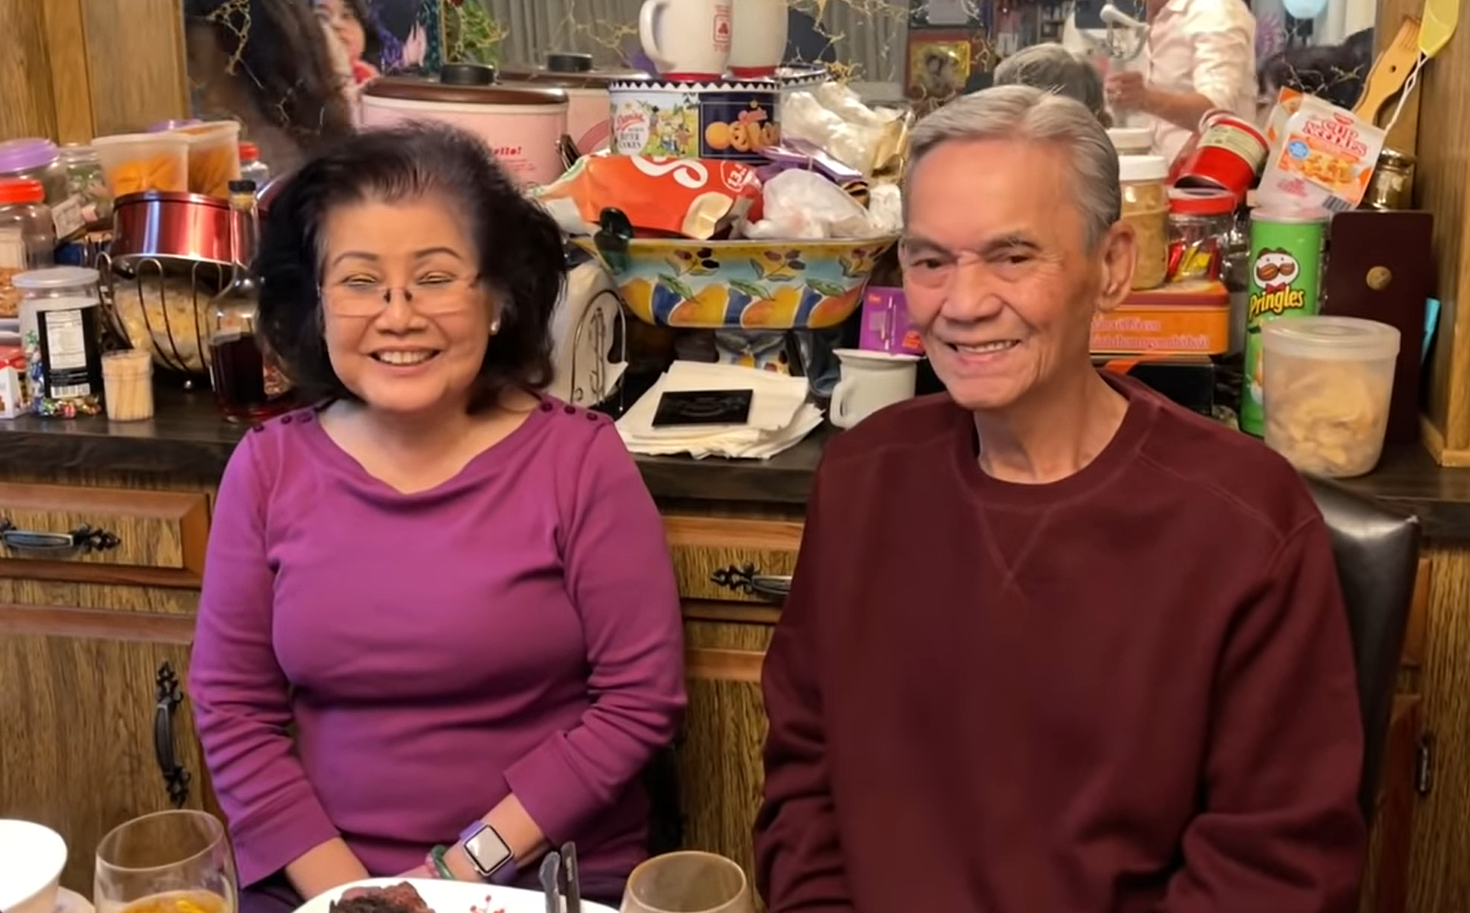 Hé lộ cuộc sống của nghệ sĩ Phượng Liên với chồng hai 90 tuổi tại Mỹ